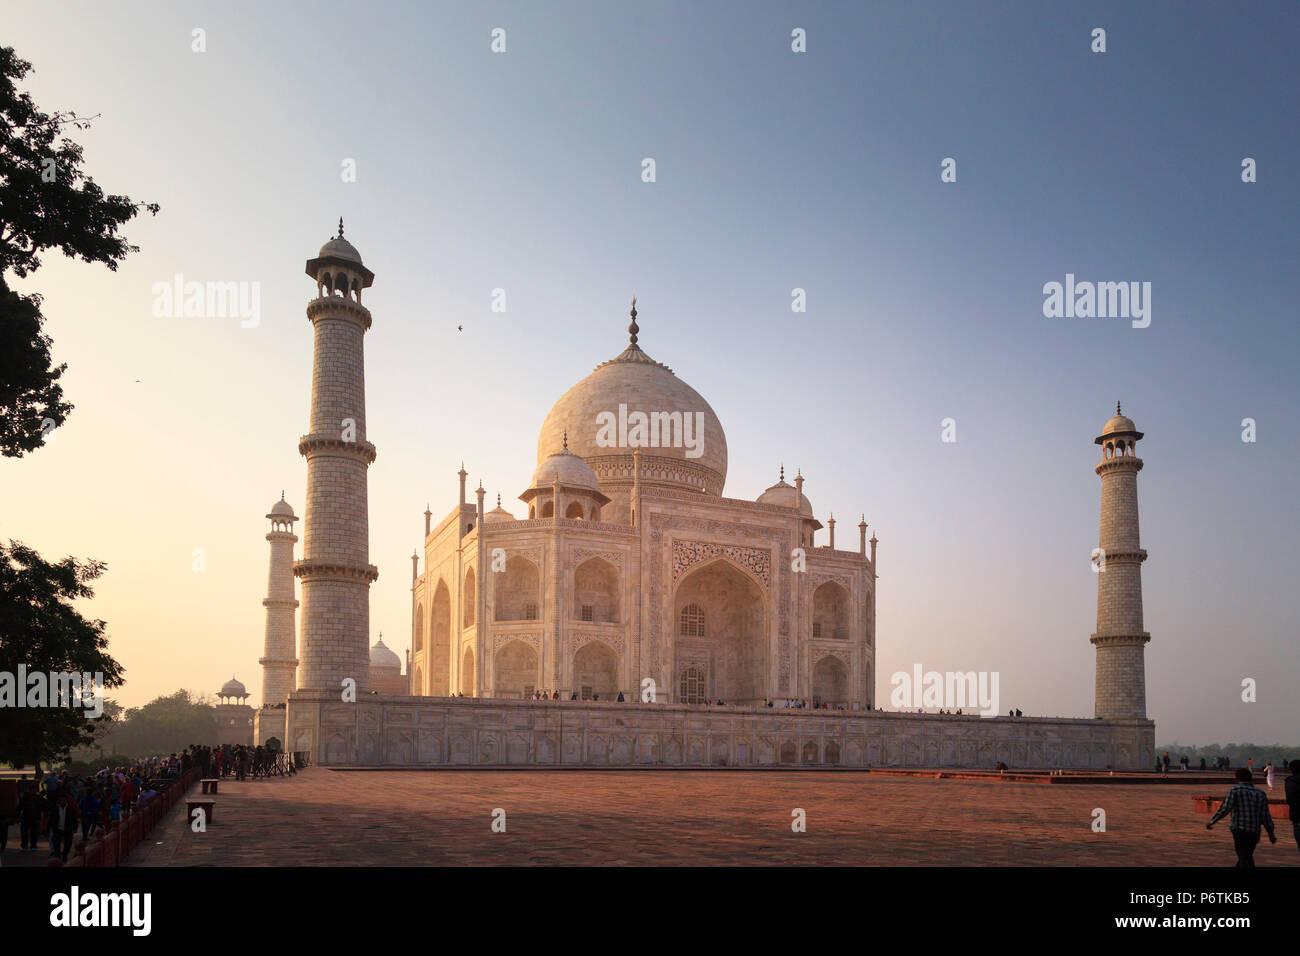 India, Uttar Pradesh, Agra il Taj Mahal (Sito UNESCO) Immagini Stock